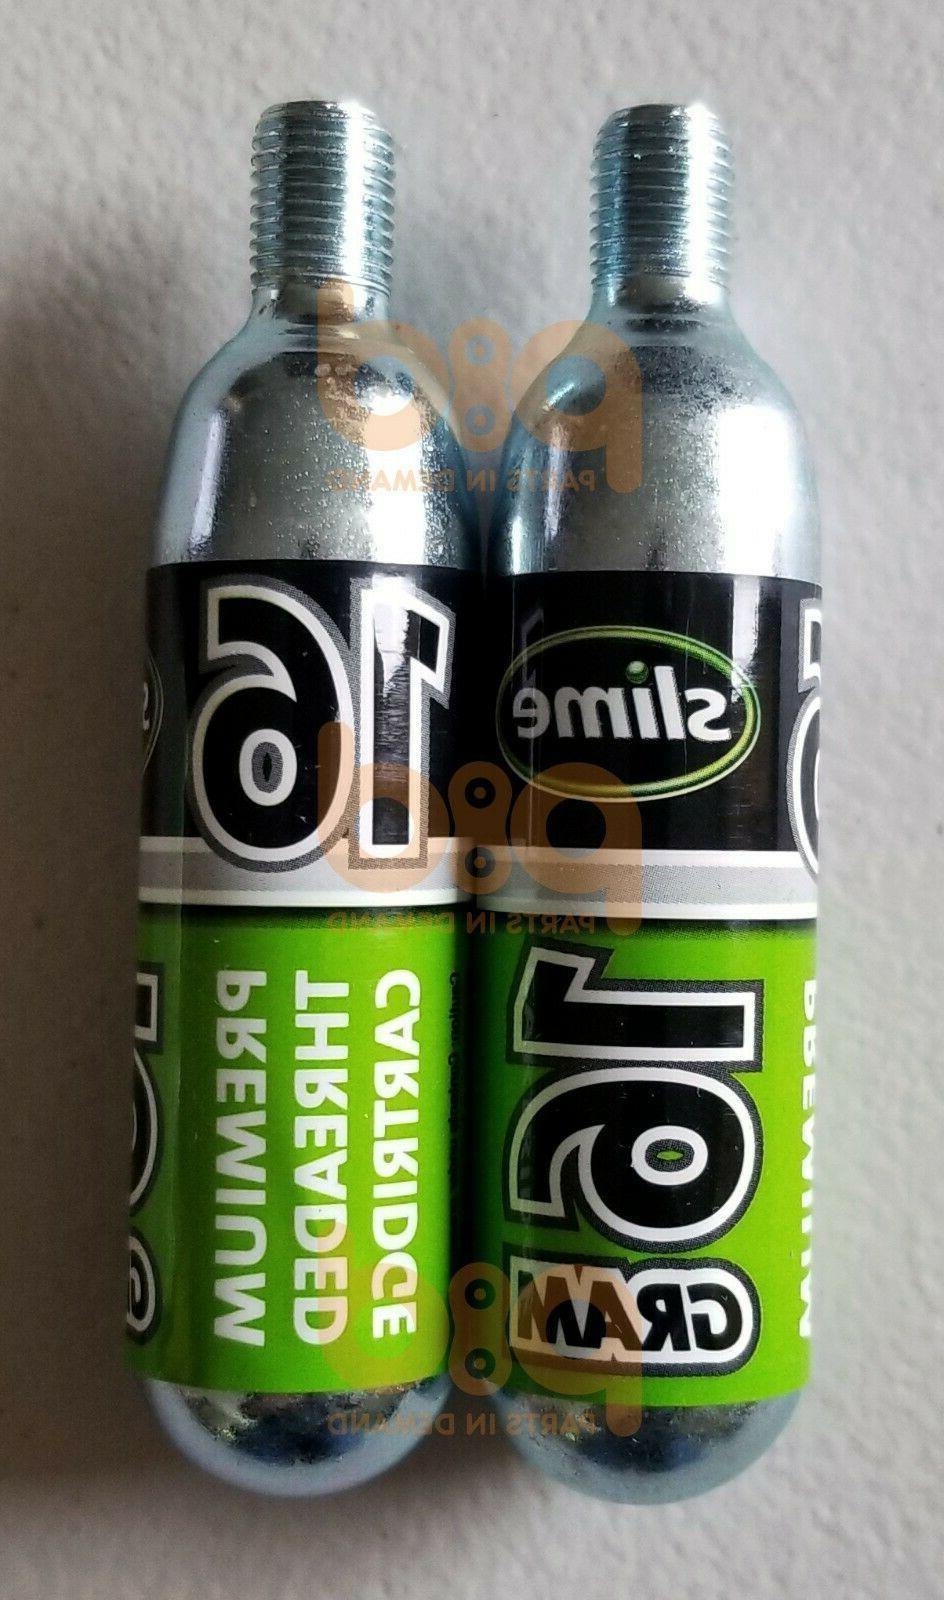 4 Slime 16g Refill Bike ATV Trailer 4 Inflators